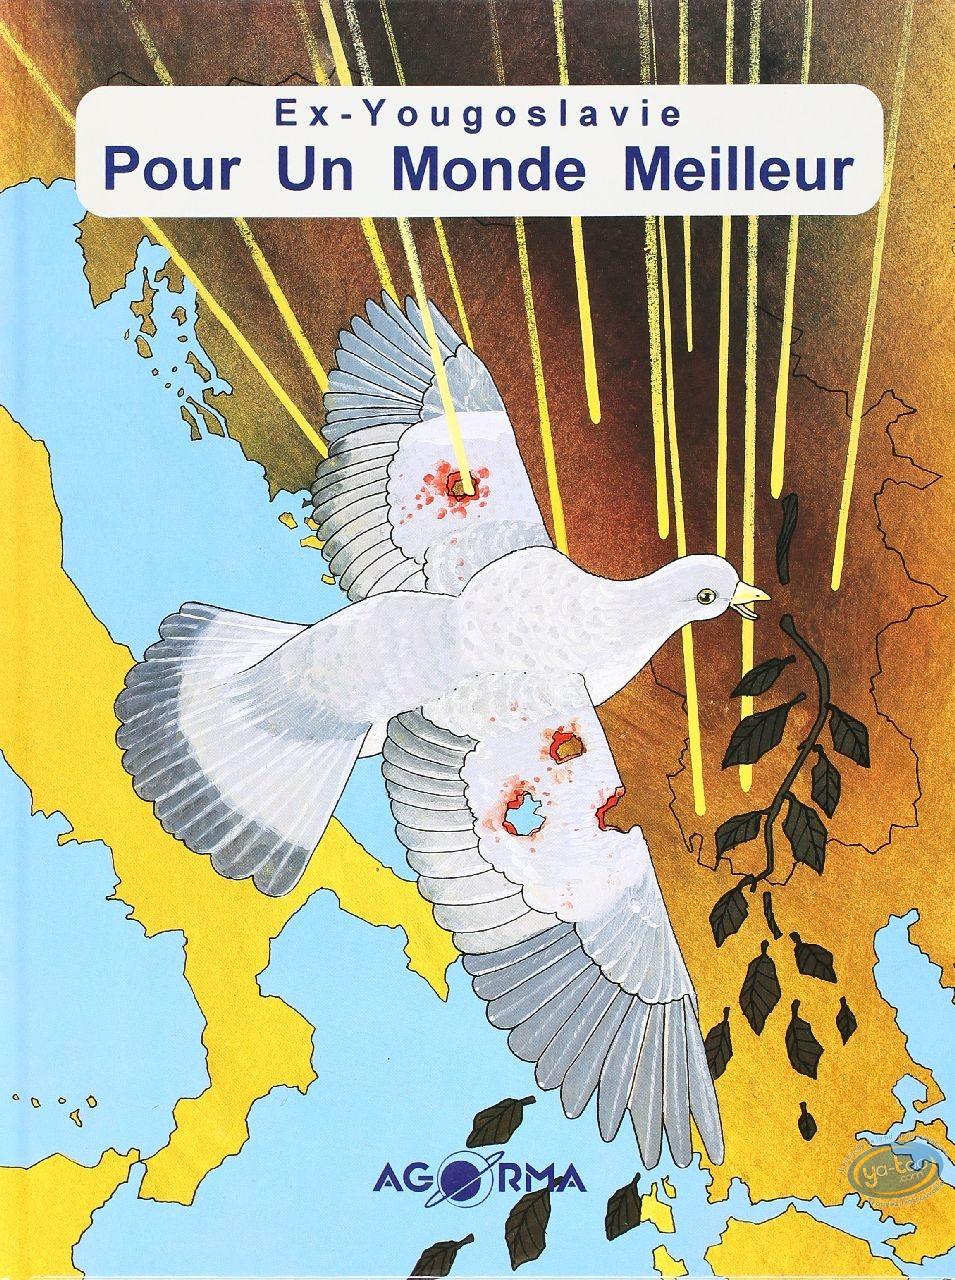 BD occasion, Ex-Yougoslavie Pour un monde meilleur : Ex-Yougoslavie Pour un monde meilleur